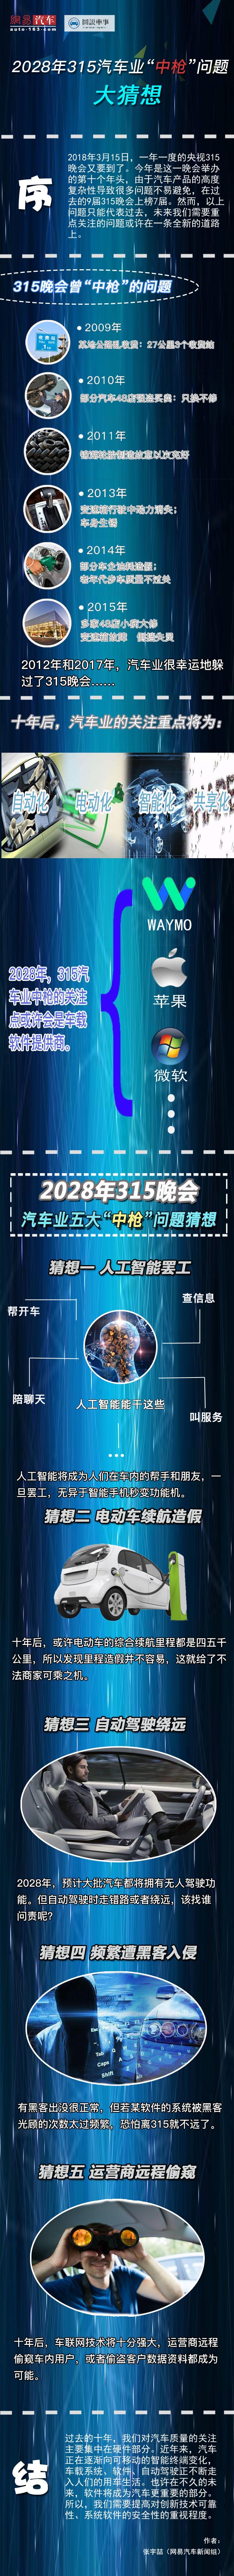 """2028年315汽车业五大""""中枪""""问题大猜想"""